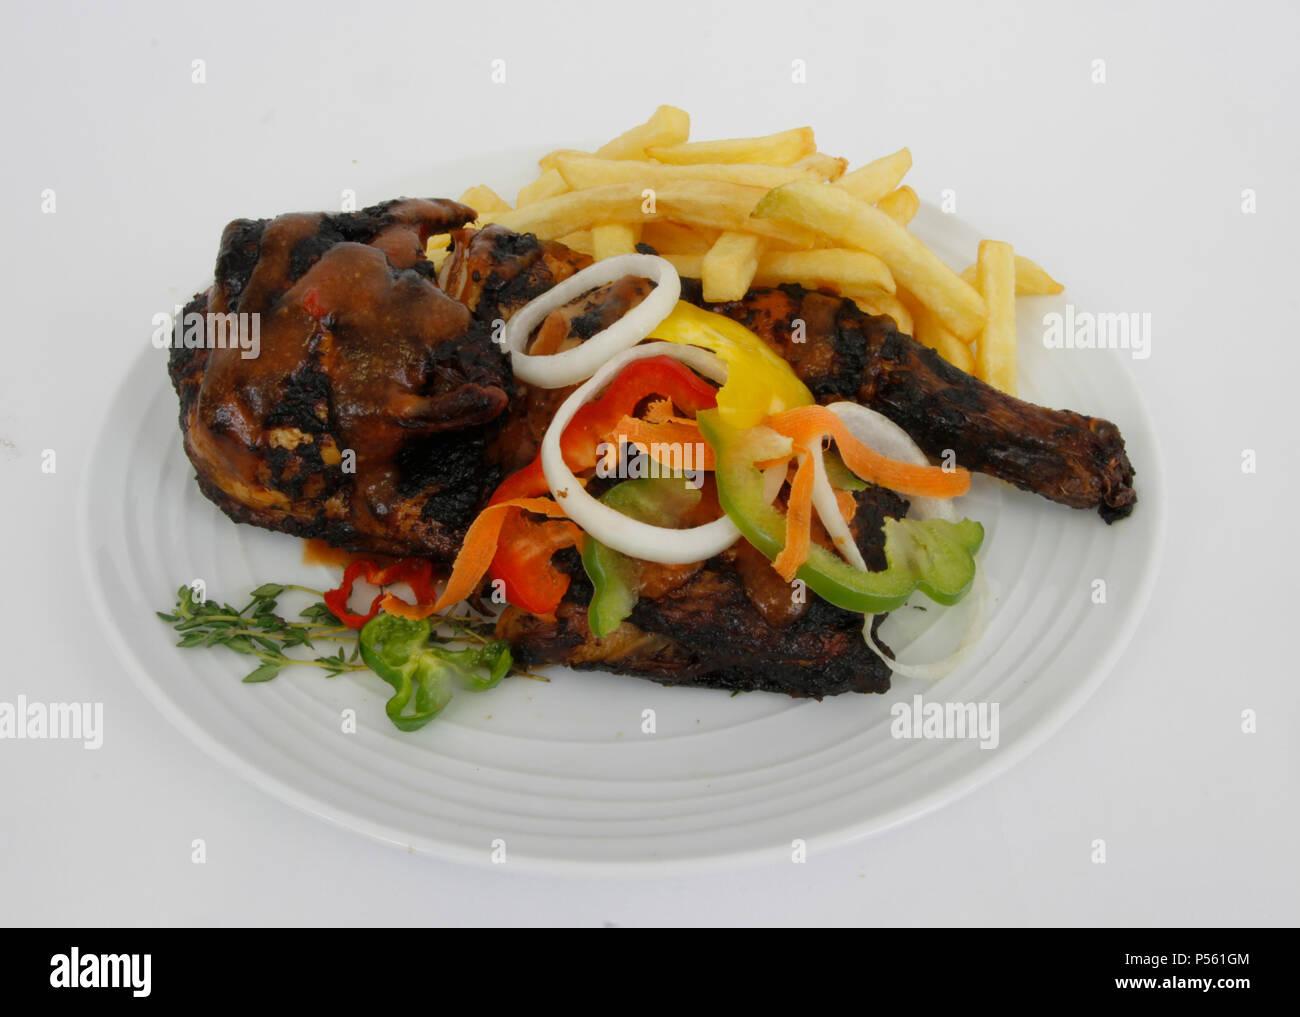 Traditionelle karibische Küche Stockfoto, Bild: 209730660 - Alamy